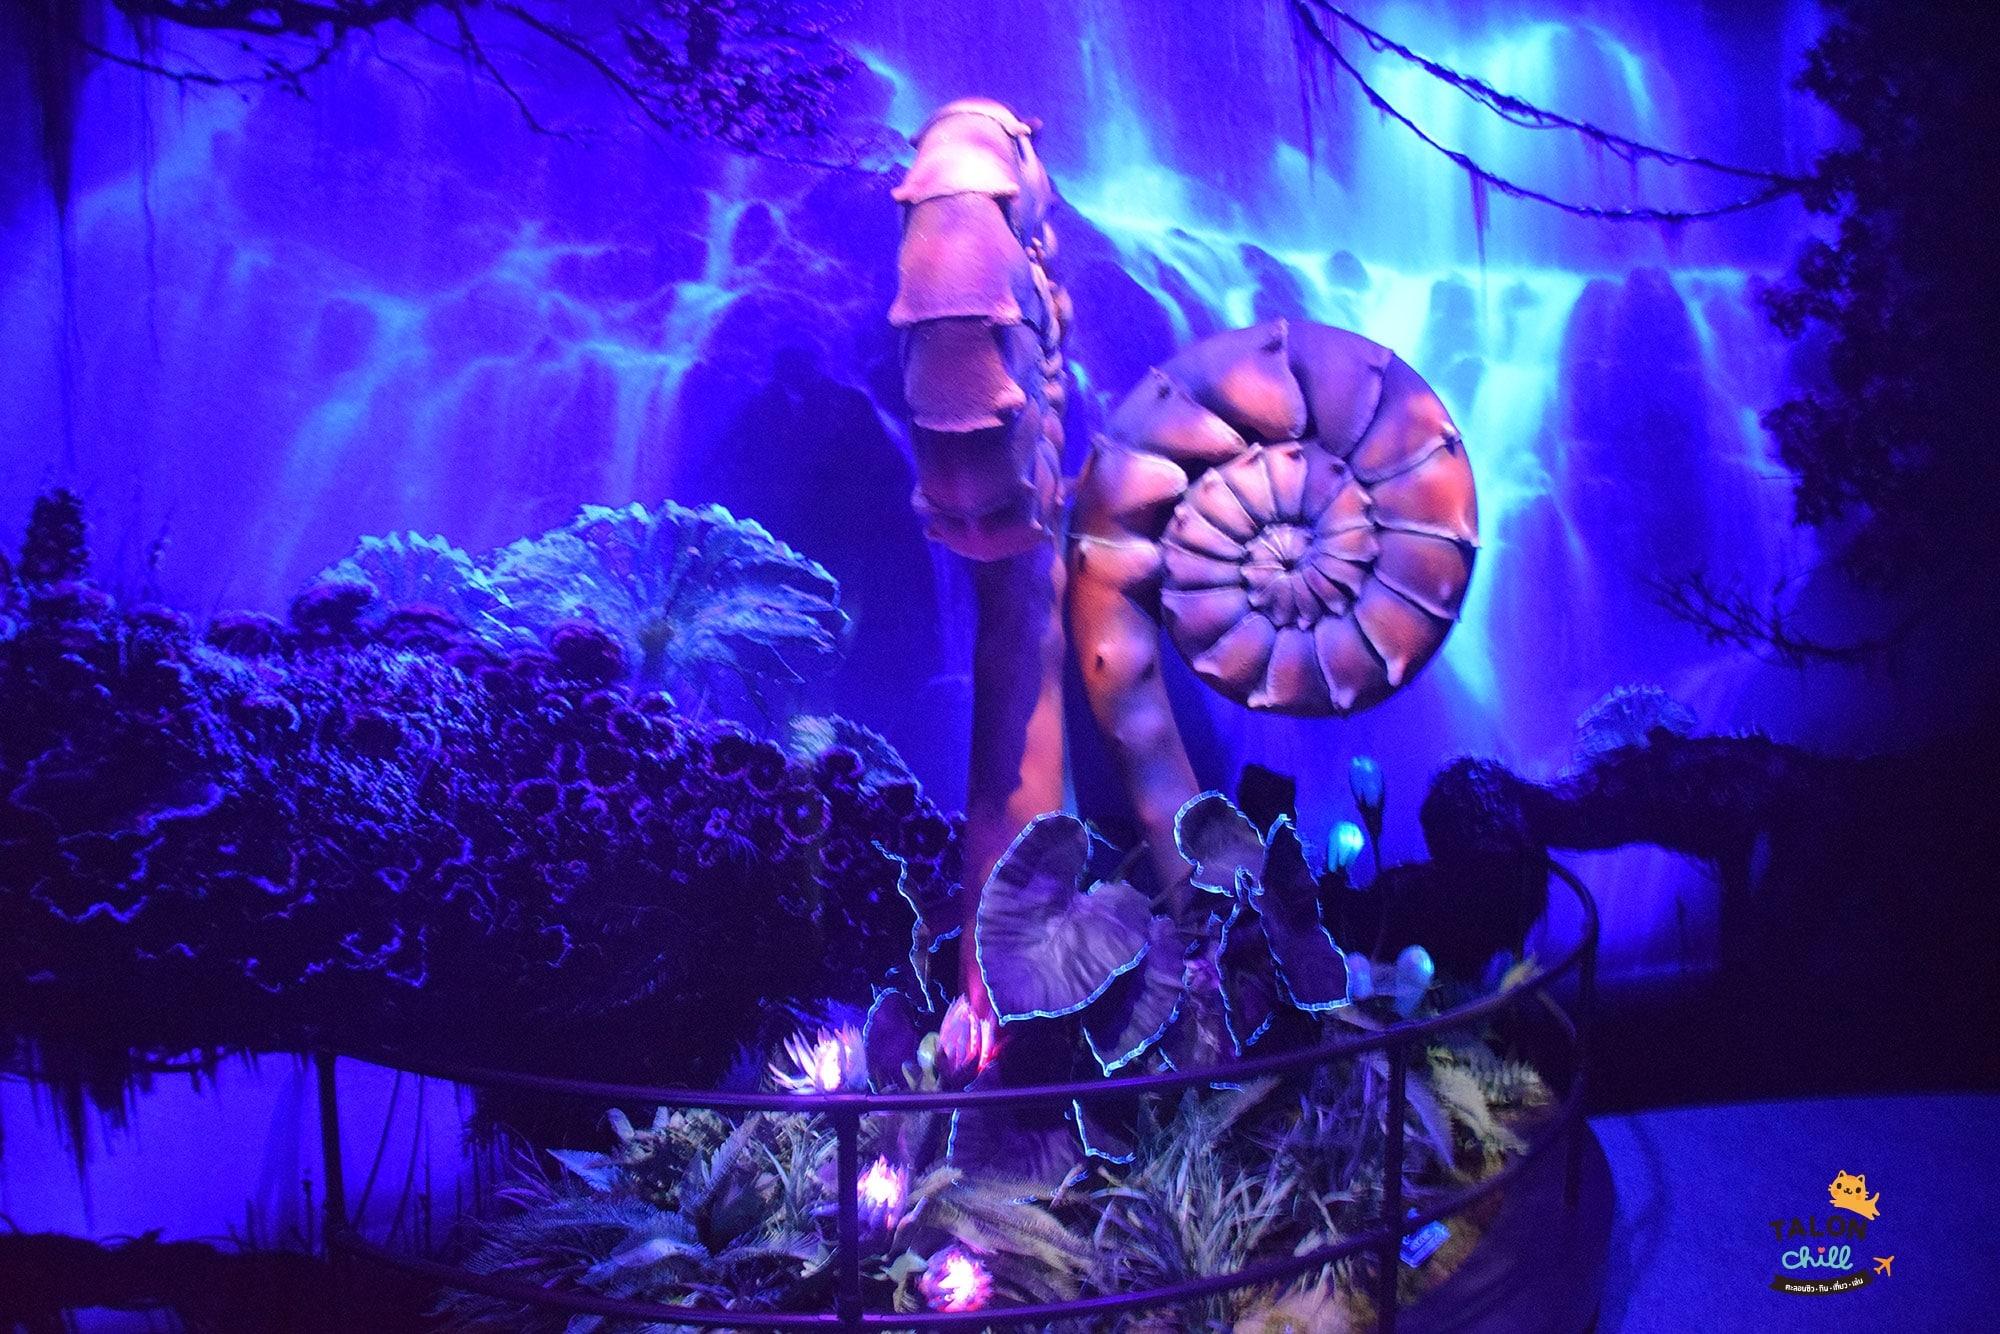 [รีวิว] พาทัวร์ดาวแพนดอร่า กับ AVATAR : Discover Pandora - Bangkok